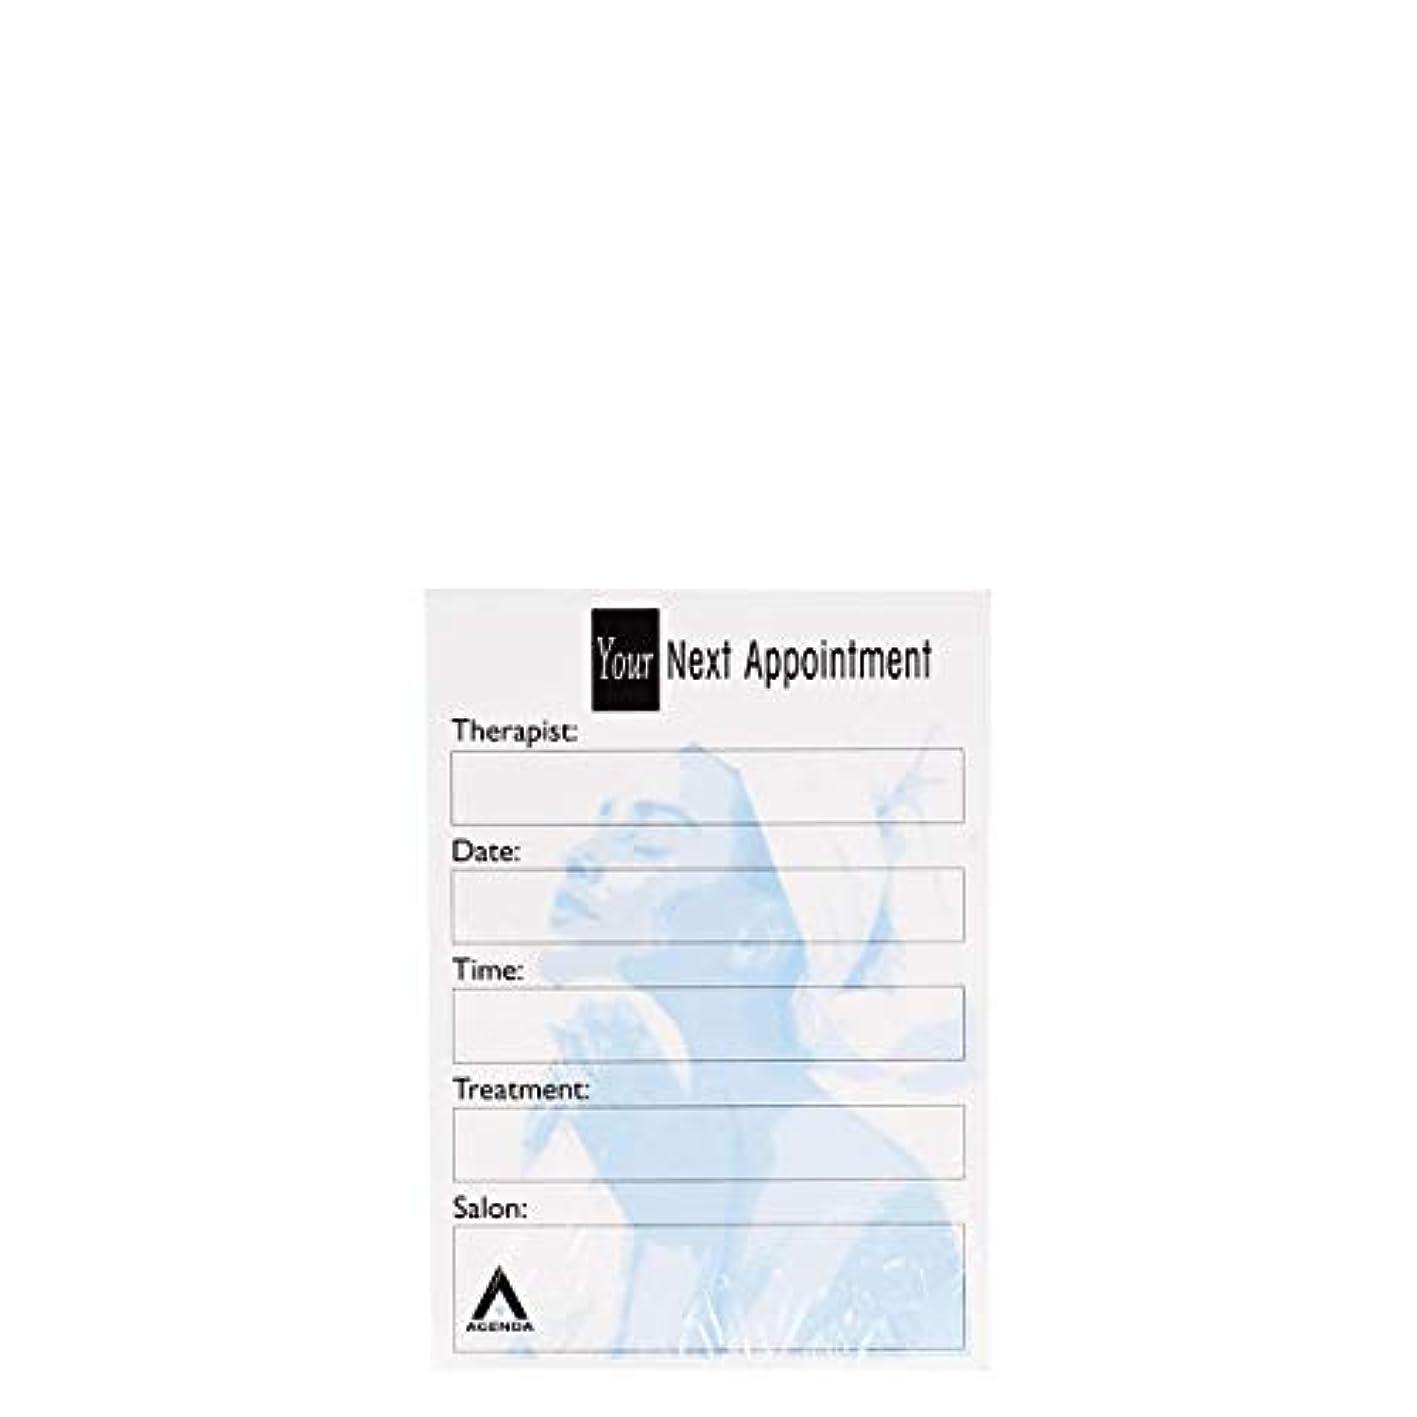 ボールオート忘れるアジェンダ サロンコンセプト ネイルアポイントメントカードAP7B x100[海外直送品] [並行輸入品]